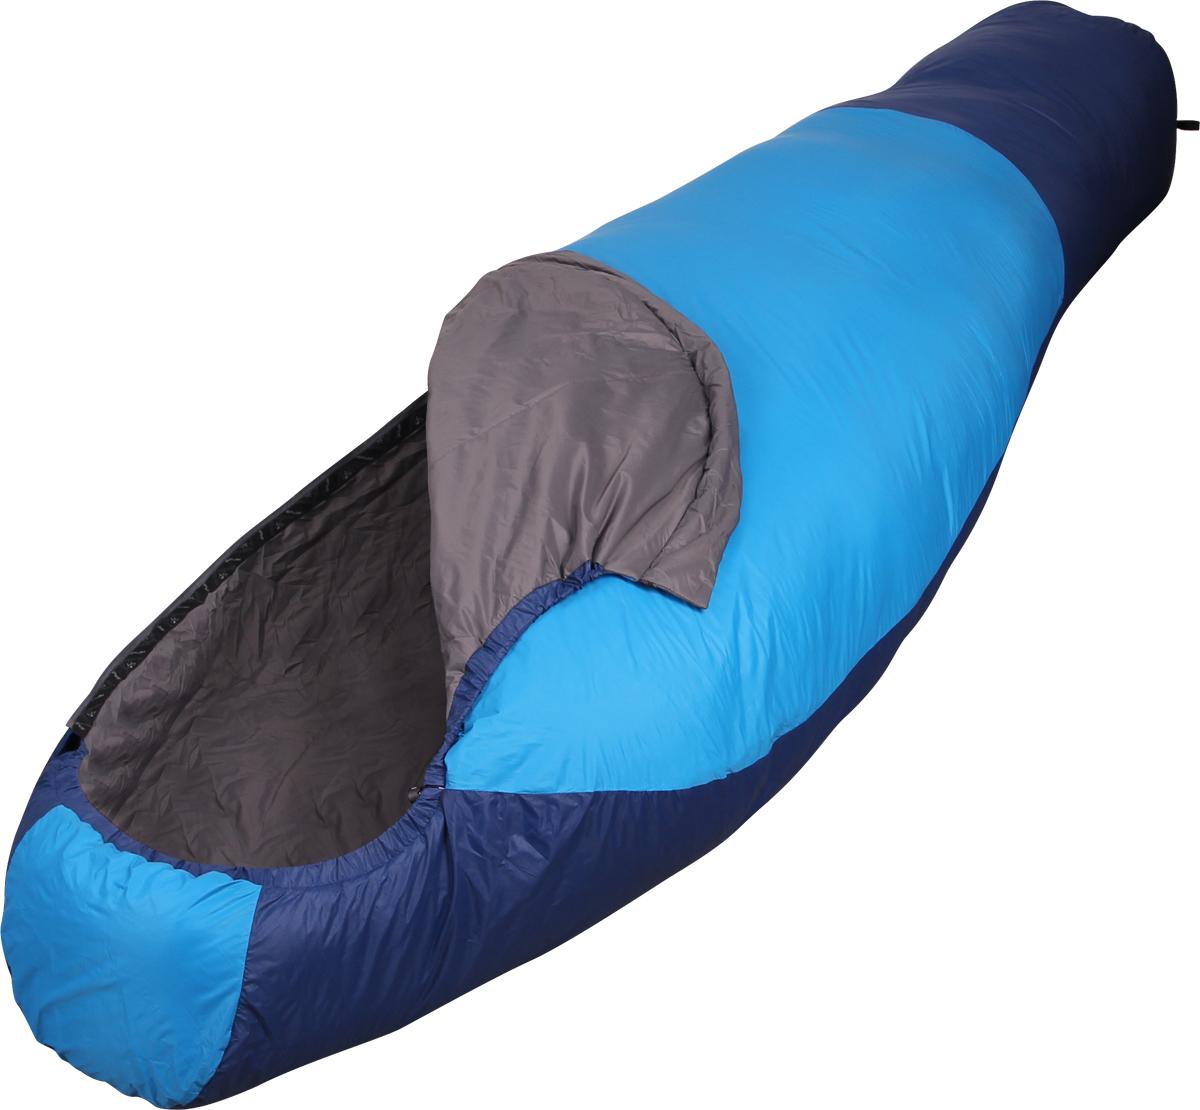 Мешок спальный Сплав Antris 60, левосторонняя молния, цвет: голубой, 175 x 75 x 45 см4505463Сплав Antris 60 - сверхлегкий, летний спальный мешок.Тип конструкции: кокон. Молния неразъемная на 1/2 длины спальника. Утепленная защитная подпланка молнии. Петли для просушки. Петли для крепления внутреннего вкладыша. Упаковочный мешок в комплекте. Внимание! длительное хранение в сжатом виде не рекомендуется.Материалы: Внешняя ткань: Nylon 6.6 R/S 20D Down Proof Hight Density Teflon DWR Cire.Вес ткани: 32 г/м2. Дышимость ткани: 0,8 см3/см2/с.Внутренняя ткань: Nylon 20D/370T Down Proof W/R Cire. Утеплитель: Primaloft.Плотность утеплителя : 60 г/м2. Температурный режим: Комфорт: +13… +9° С. Экстрим: -2° С. Габариты и вес: Размеры: 175 х 75 х 45 см (рост до 155 см).Полный вес: 0,42 кг.Минимальный вес: 0,40 кг.Размеры в упакованном виде: 10 х 30 см.